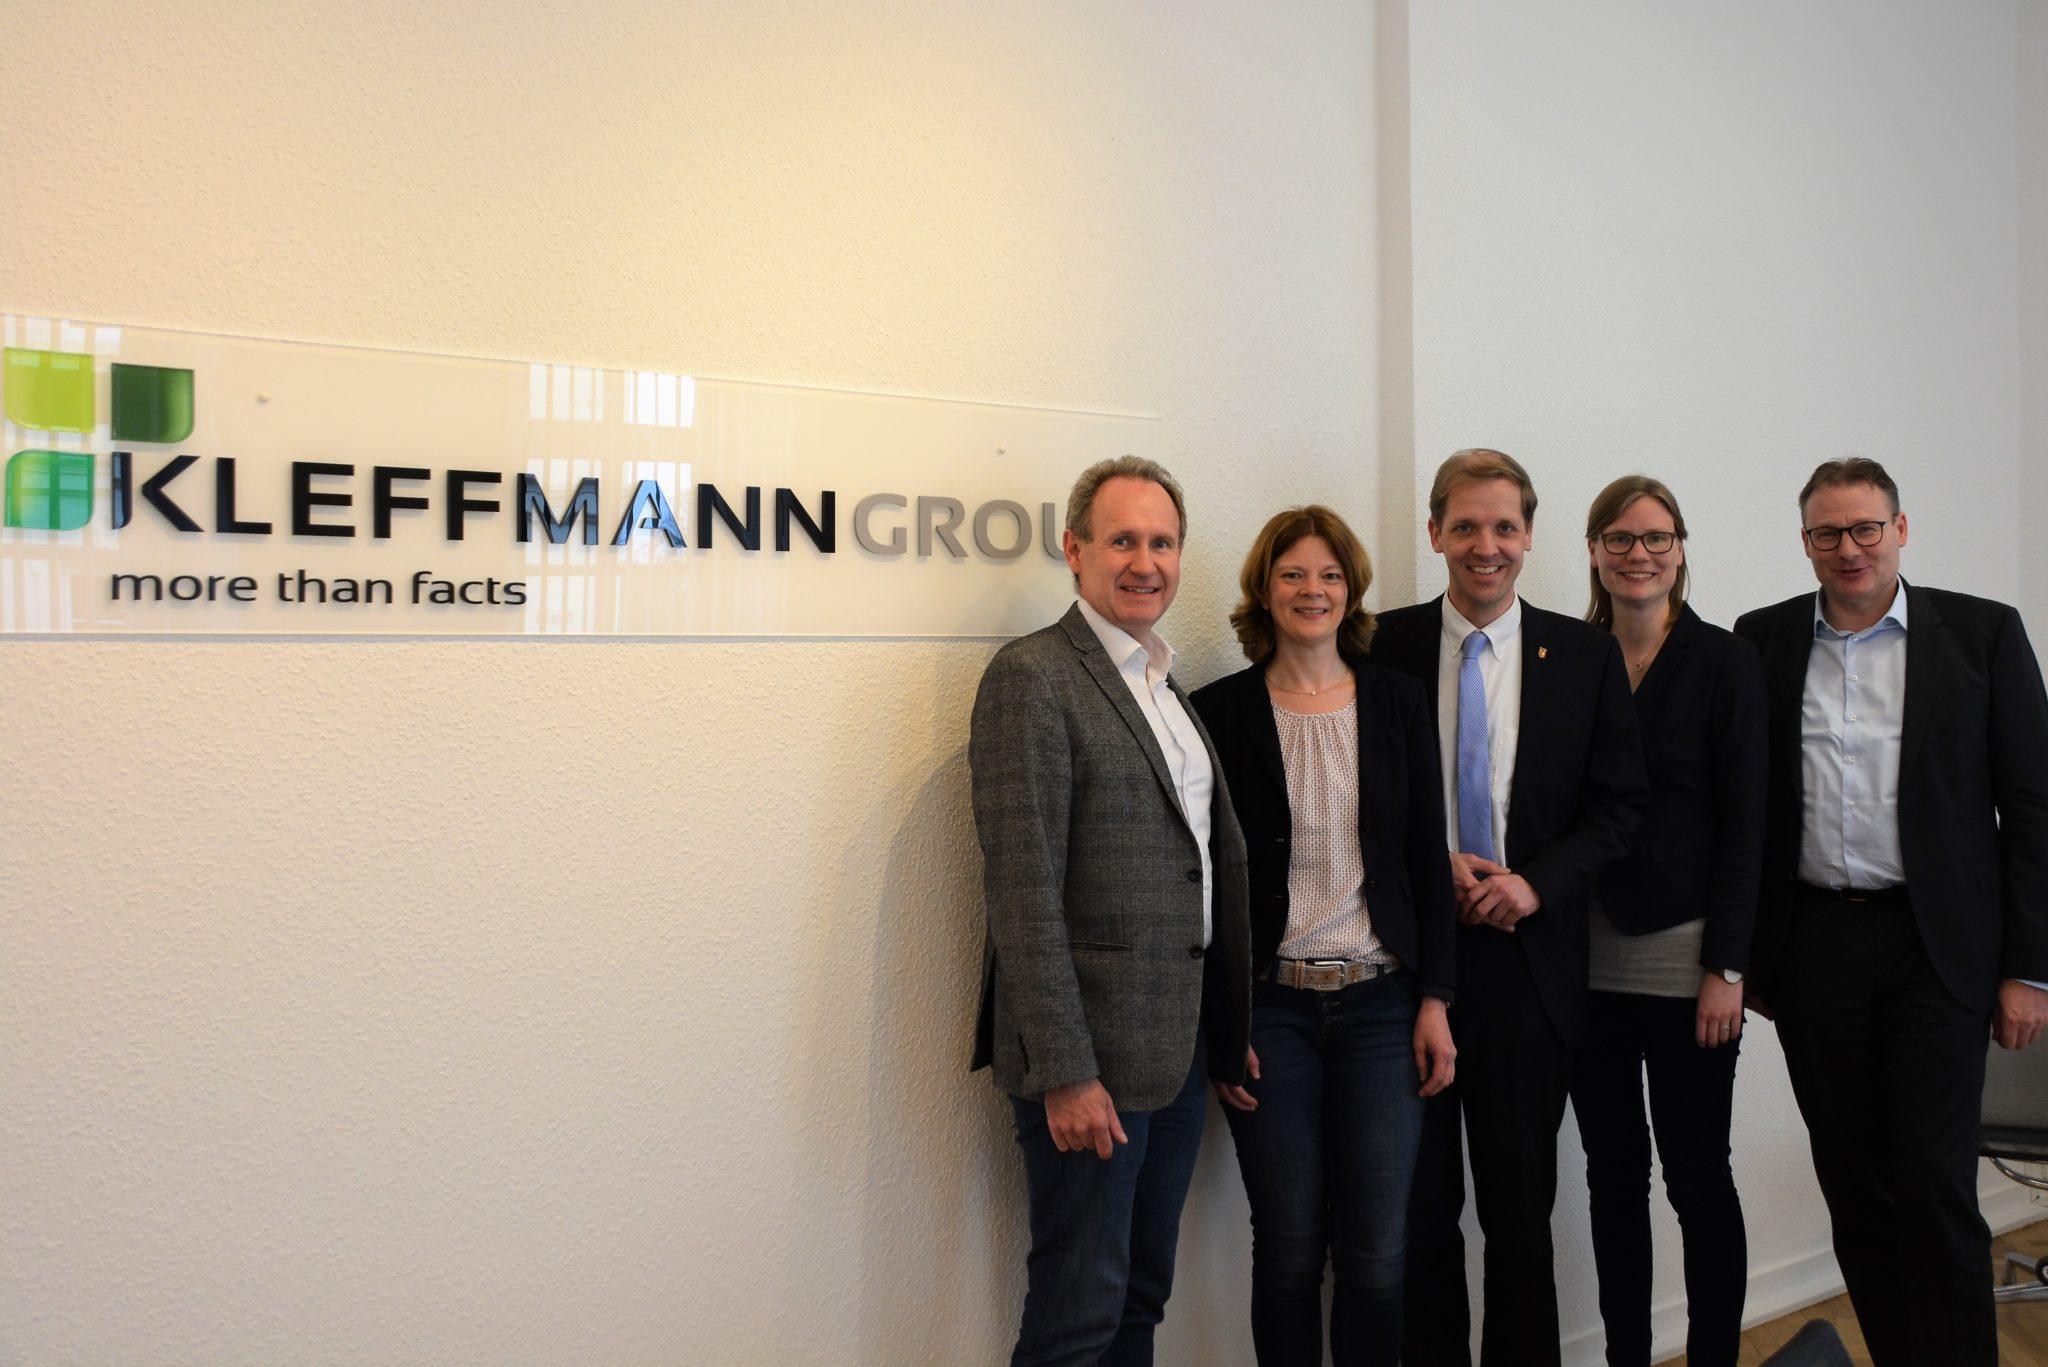 Unternehmensbesuch von Landrat und wfc-Geschäftsführer bei der Kleffmann Group in Lüdinghausen